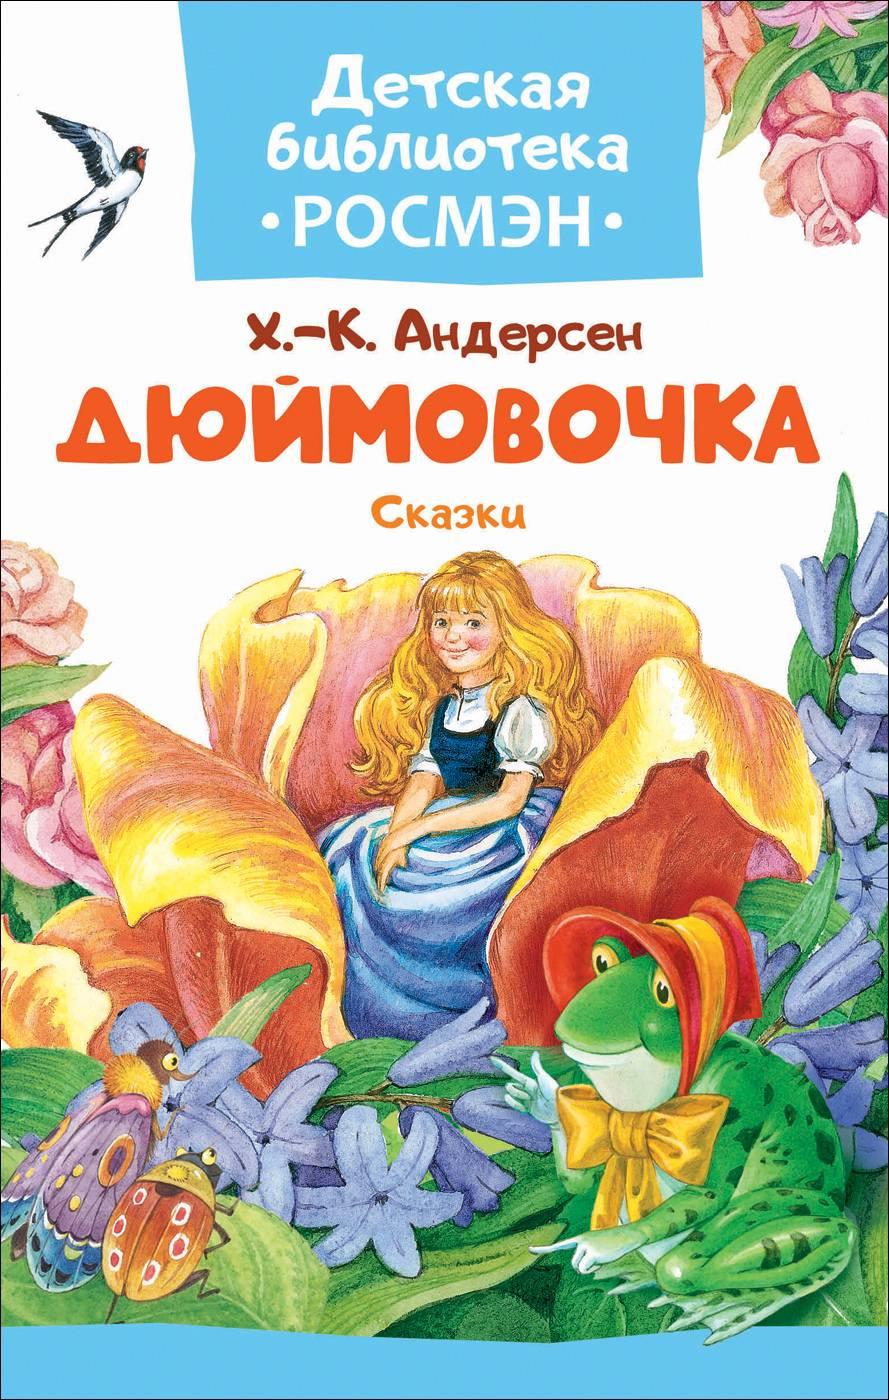 Сказка дюймовочка, ганс христиан андерсен - читать для детей онлайн